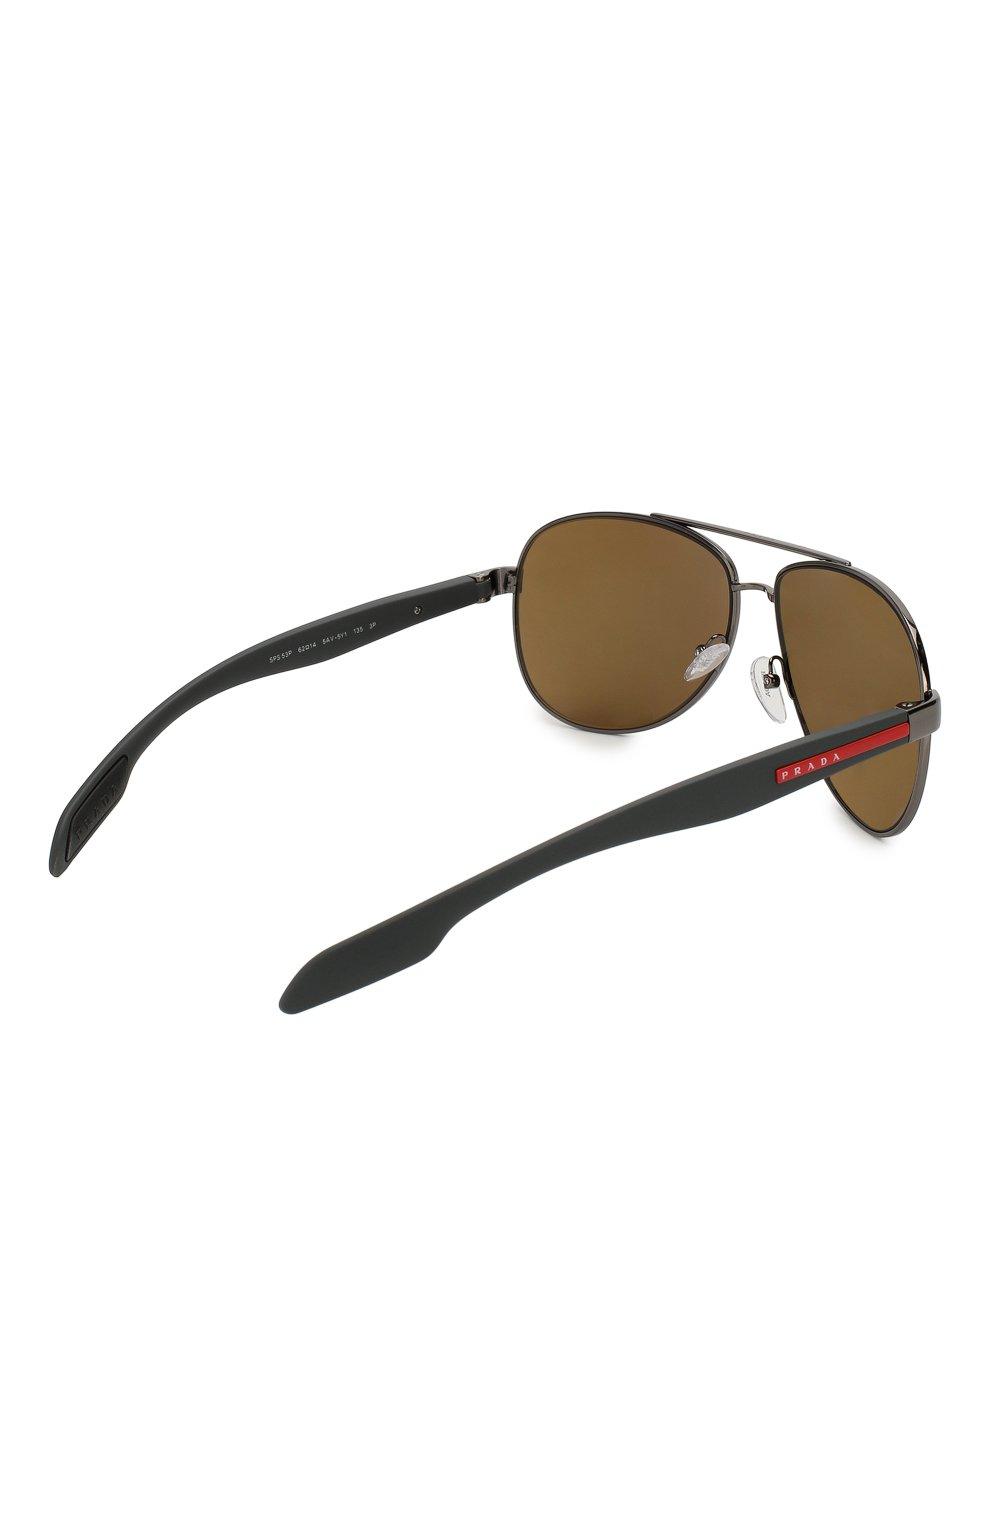 Мужские солнцезащитные очки PRADA LINEA ROSSA темно-серого цвета, арт. 53PS-5AV5Y1 | Фото 3